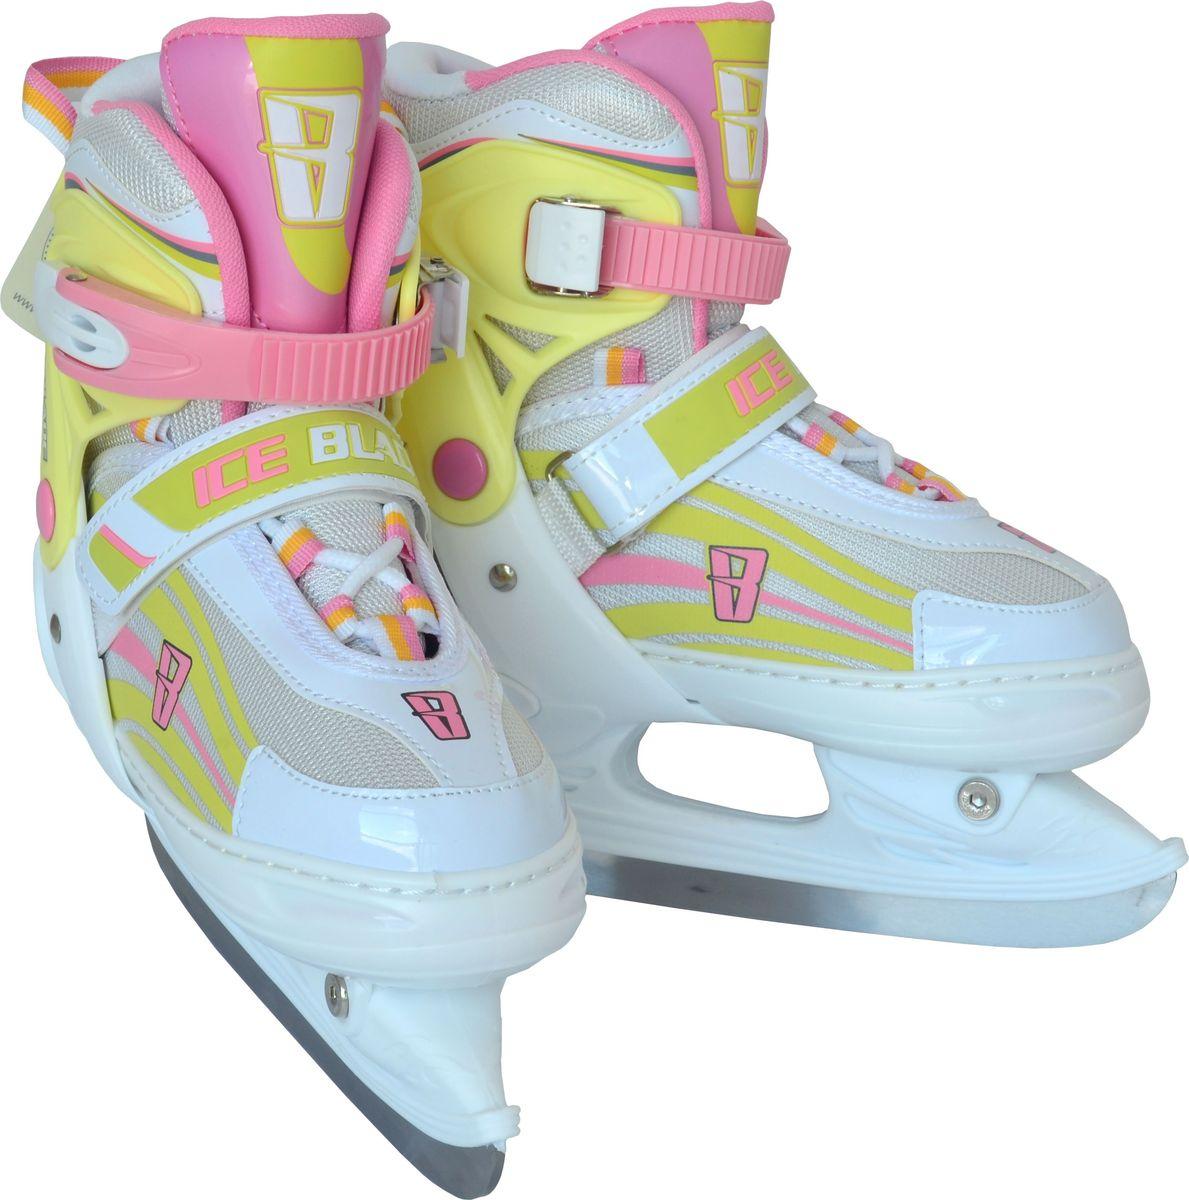 Коньки ледовые для девочки Ice Blade Solar, раздвижные, цвет: розовый, желтый, белый. Размер L (38/41)УТ-00010438Коньки раздвижные Ice Blade Solar предназначены для детей и подростков, а также для тех, кто делает первые шаги в катании на льду. Коньки с хоккейным лезвием подходят для использования на открытом и закрытом льду. Теплый внутренний сапожок, удобная трехуровневая система фиксации ноги, легкая смена размера, надежная защита пятки и носка - все это бесспорные преимущества модели. Ботинки изготовлены из морозостойкого пластика, который защитит ноги от ударов, а пластиковая бакля с фиксатором, хлястик на липучке и шнуровка надежно зафиксируют голеностоп. Лезвие выполнено из высокоуглеродистой стали с покрытием из никеля. Особенностью коньков является раздвижная конструкция, которая позволяет увеличивать длину ботинка на 4 размера по мере роста ноги ребенка. У сапожка с боку имеется специальная кнопка, которая позволит увеличить его размер.Коньки поставляются в удобной сумке и с заводской заточкой лезвия, что позволяет сразу приступить к катанию.